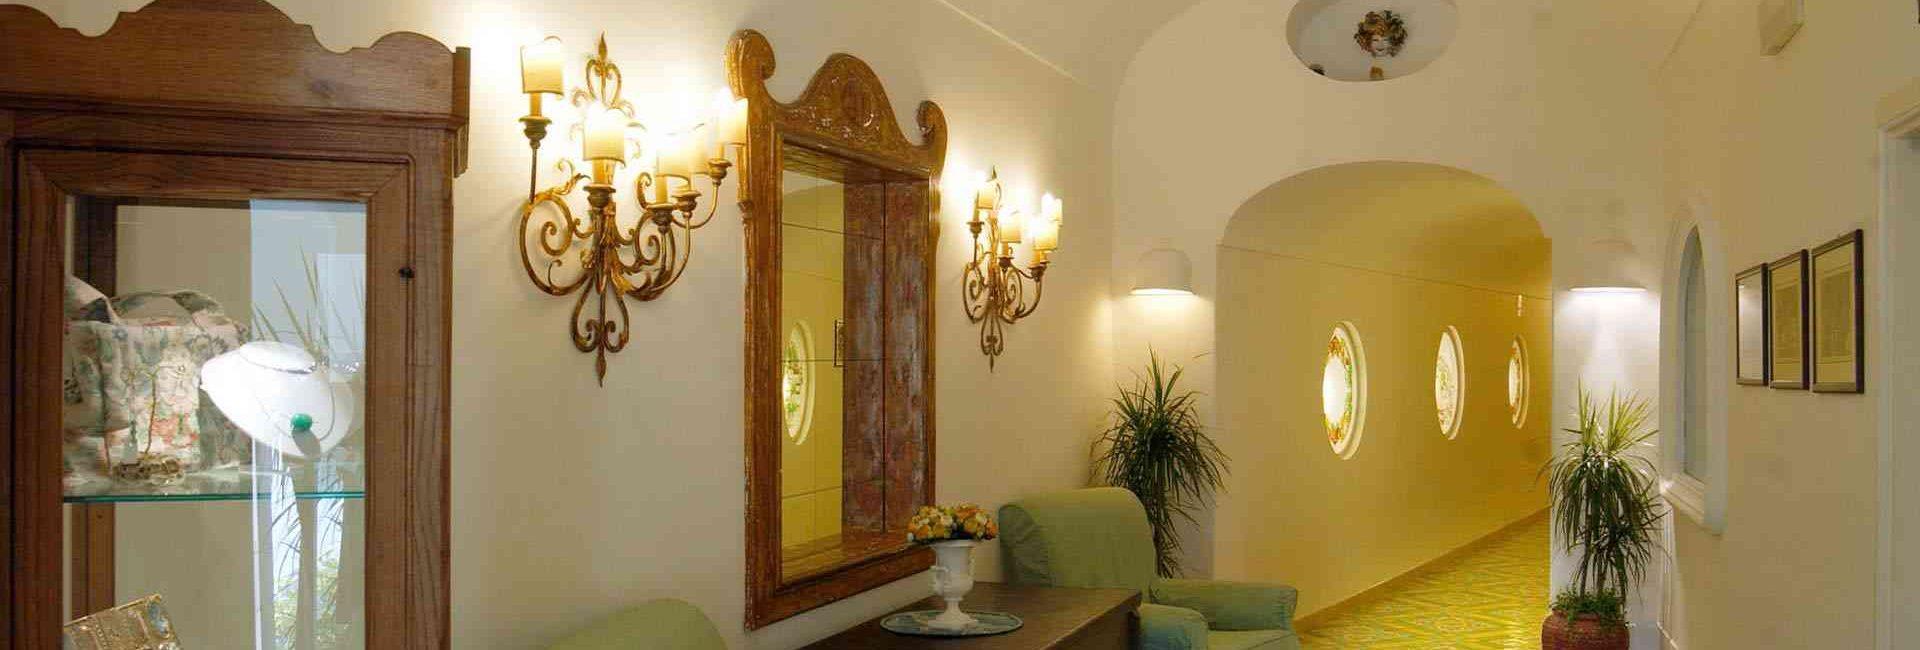 Hotel Buca di Bacco Positano (1)